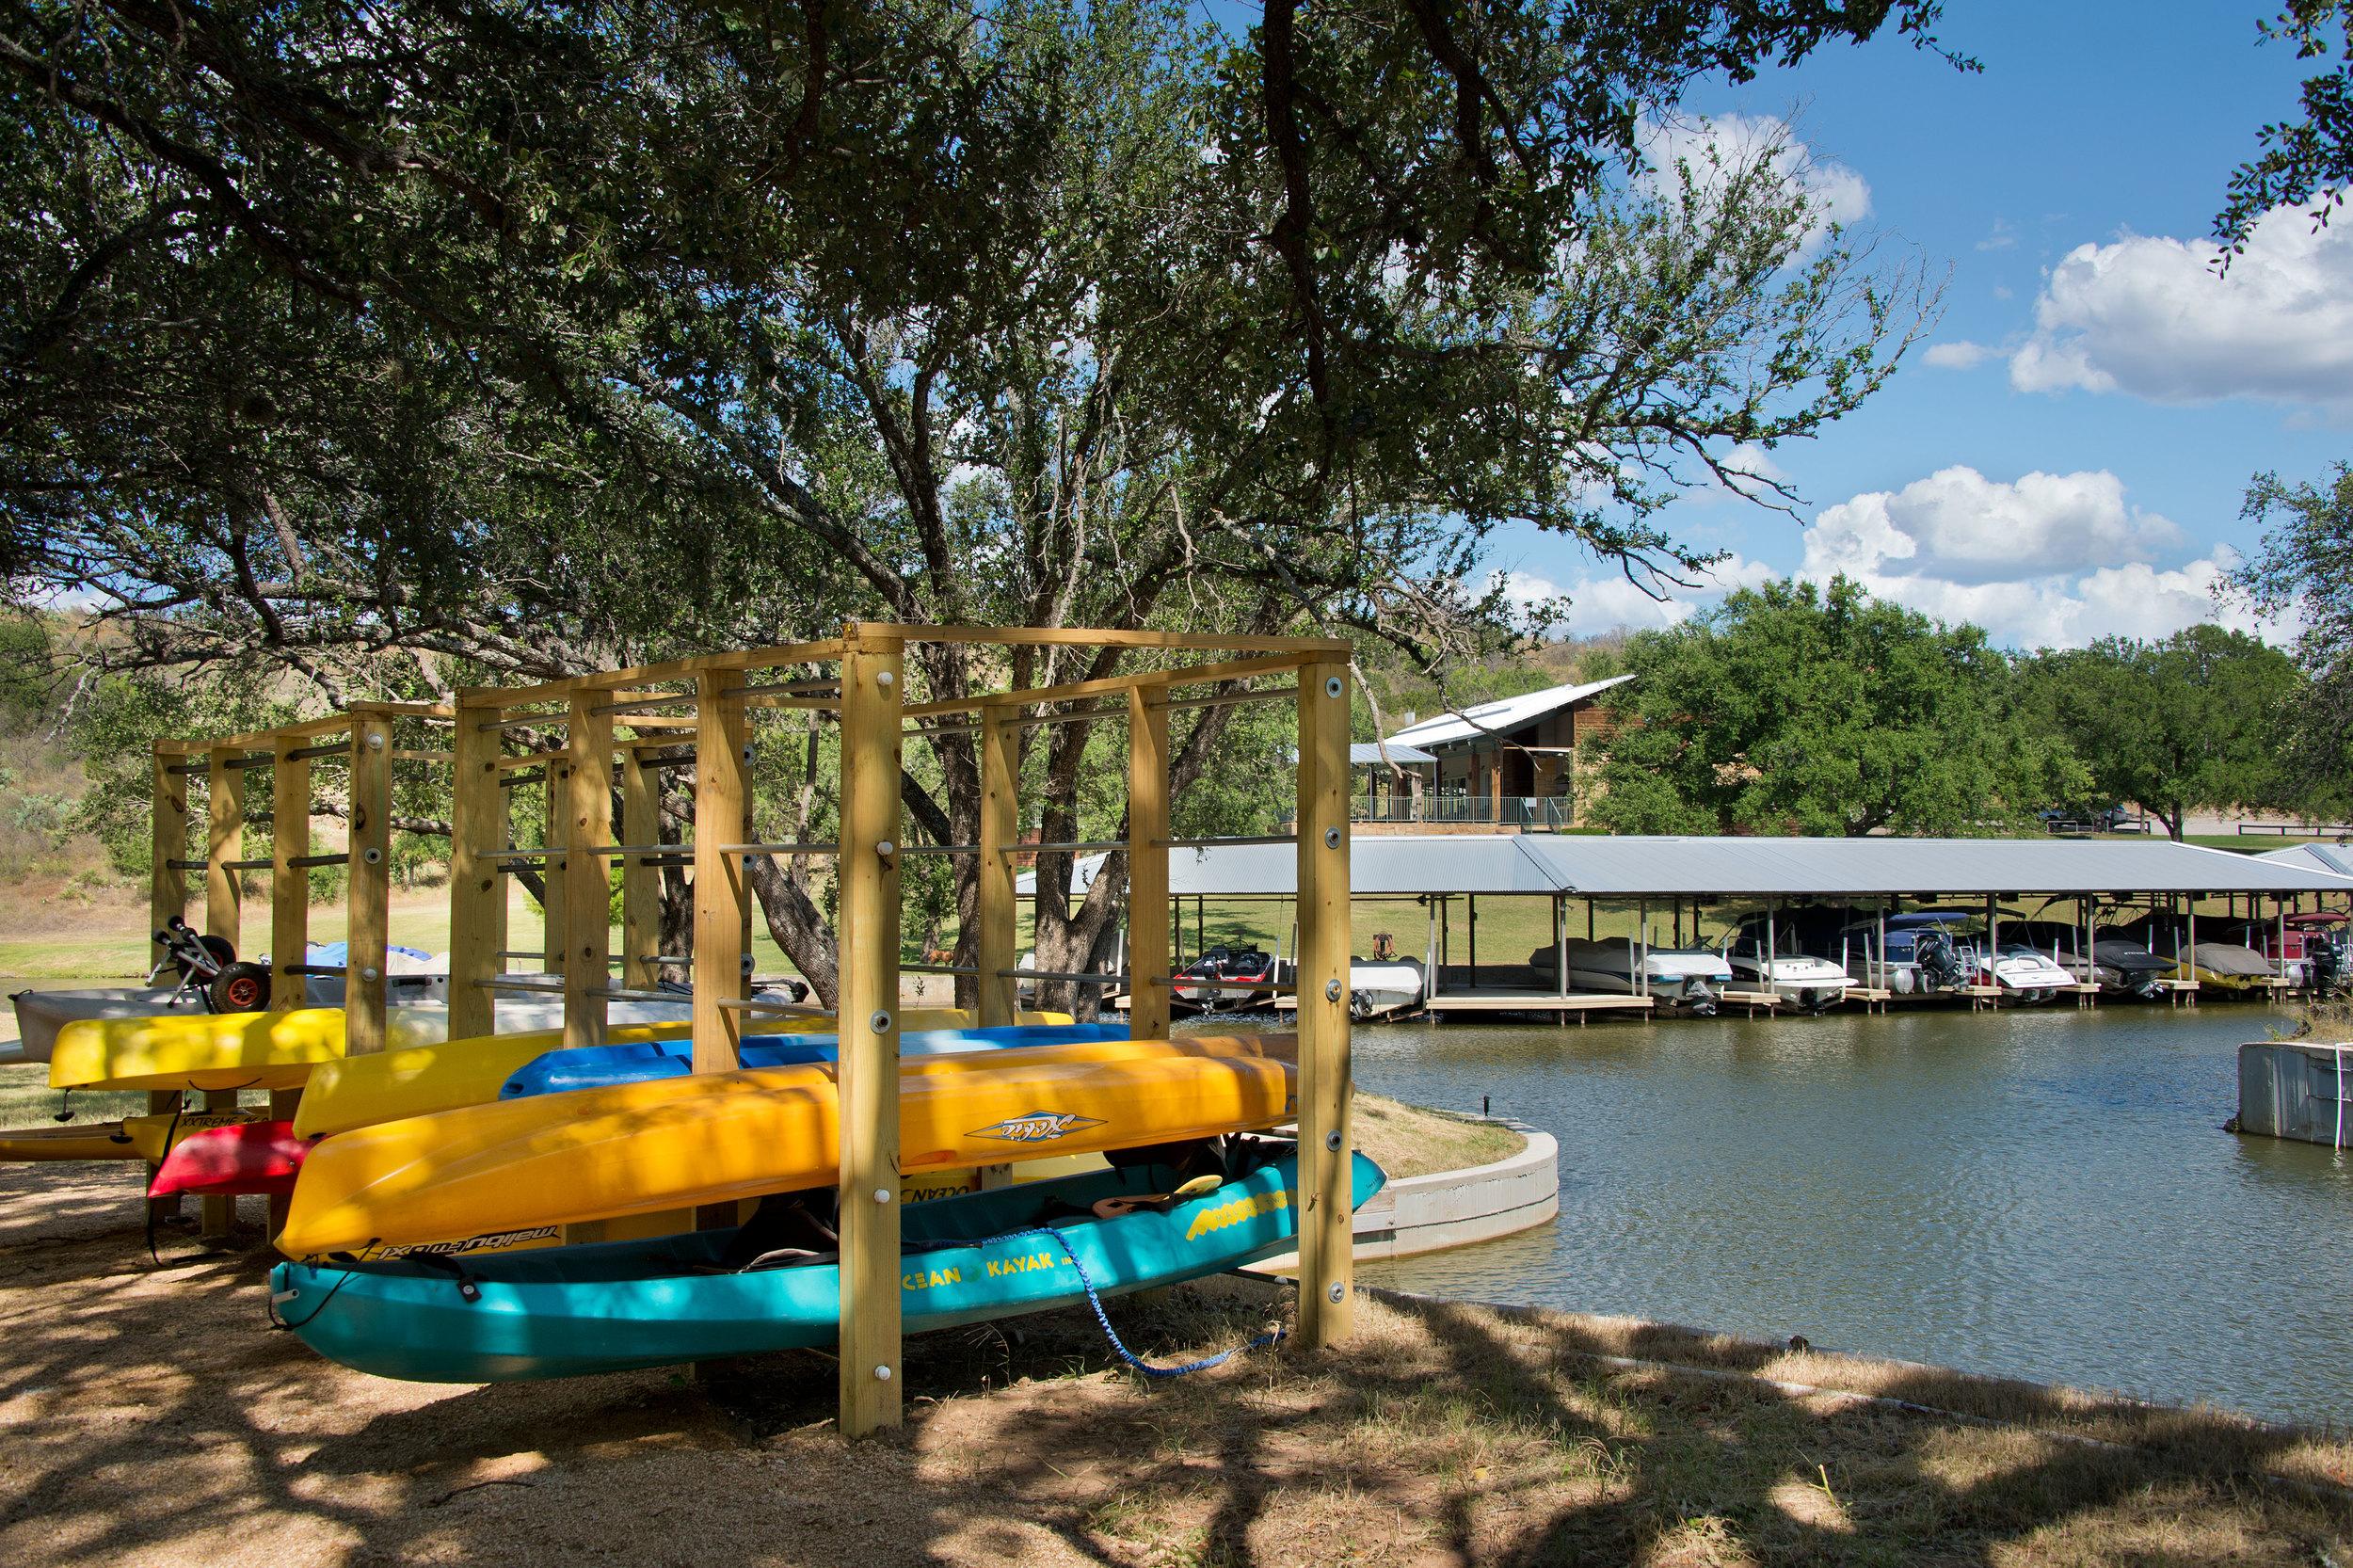 Kayak and Paddle Board Storage at the Marina at Trails of Horseshoe Bay